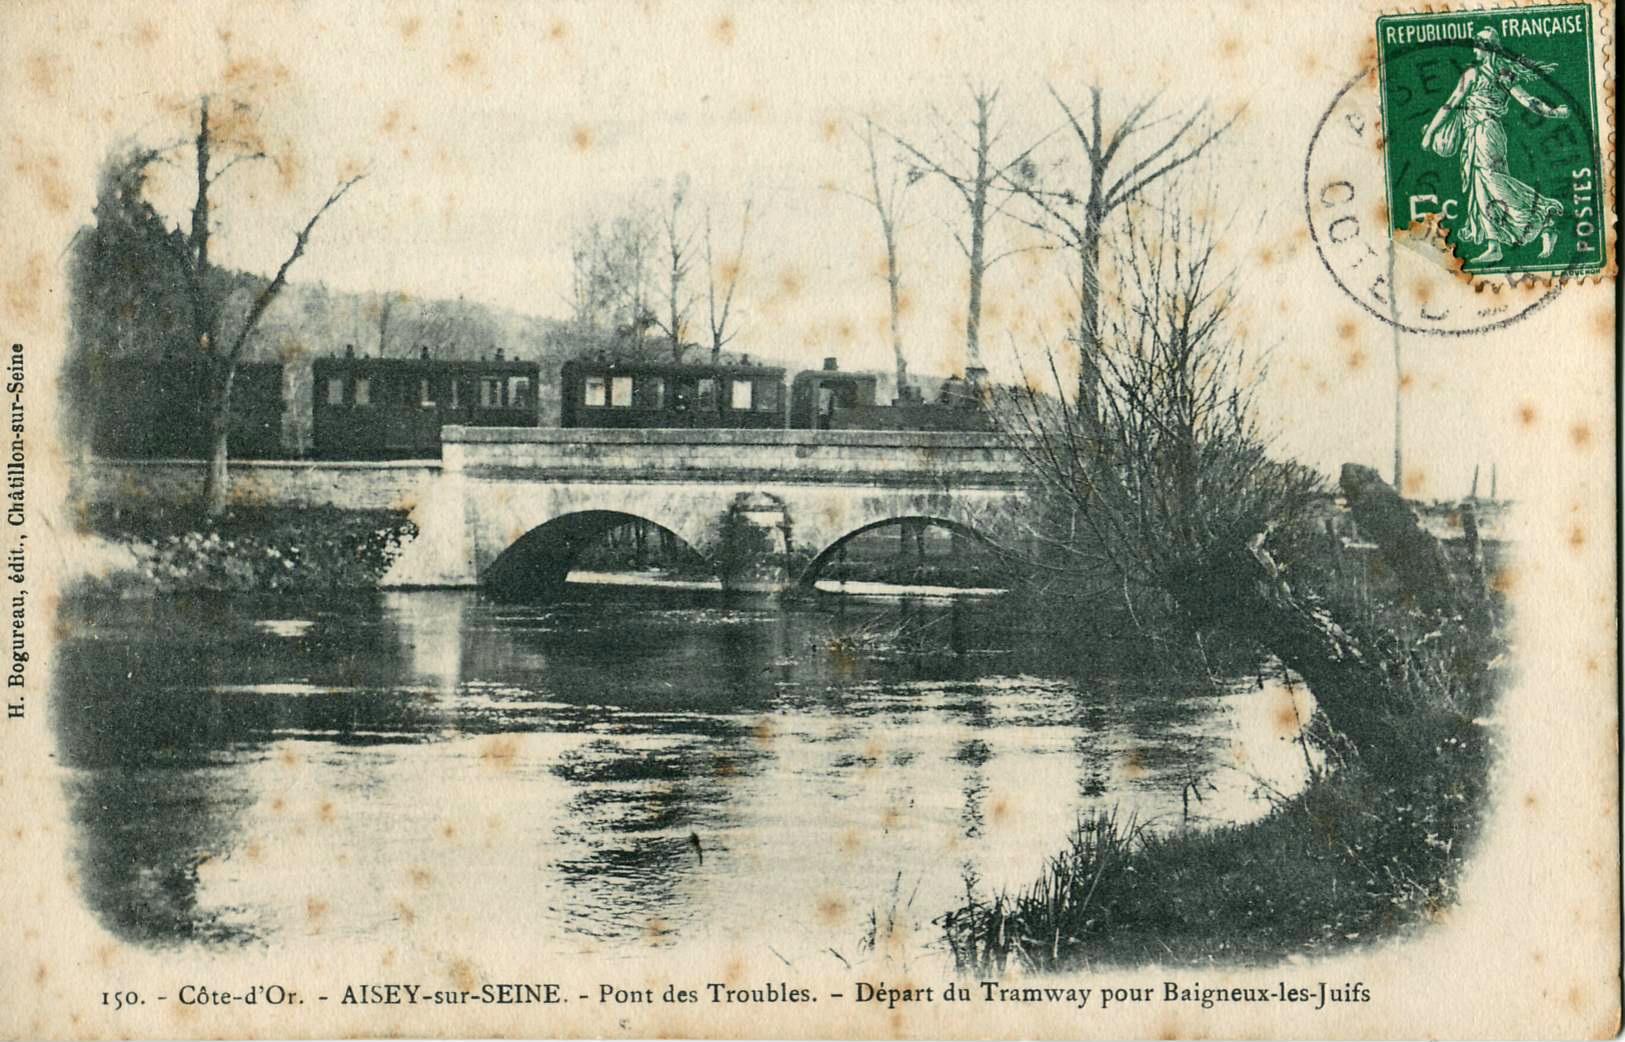 Aisey-sur-Seine